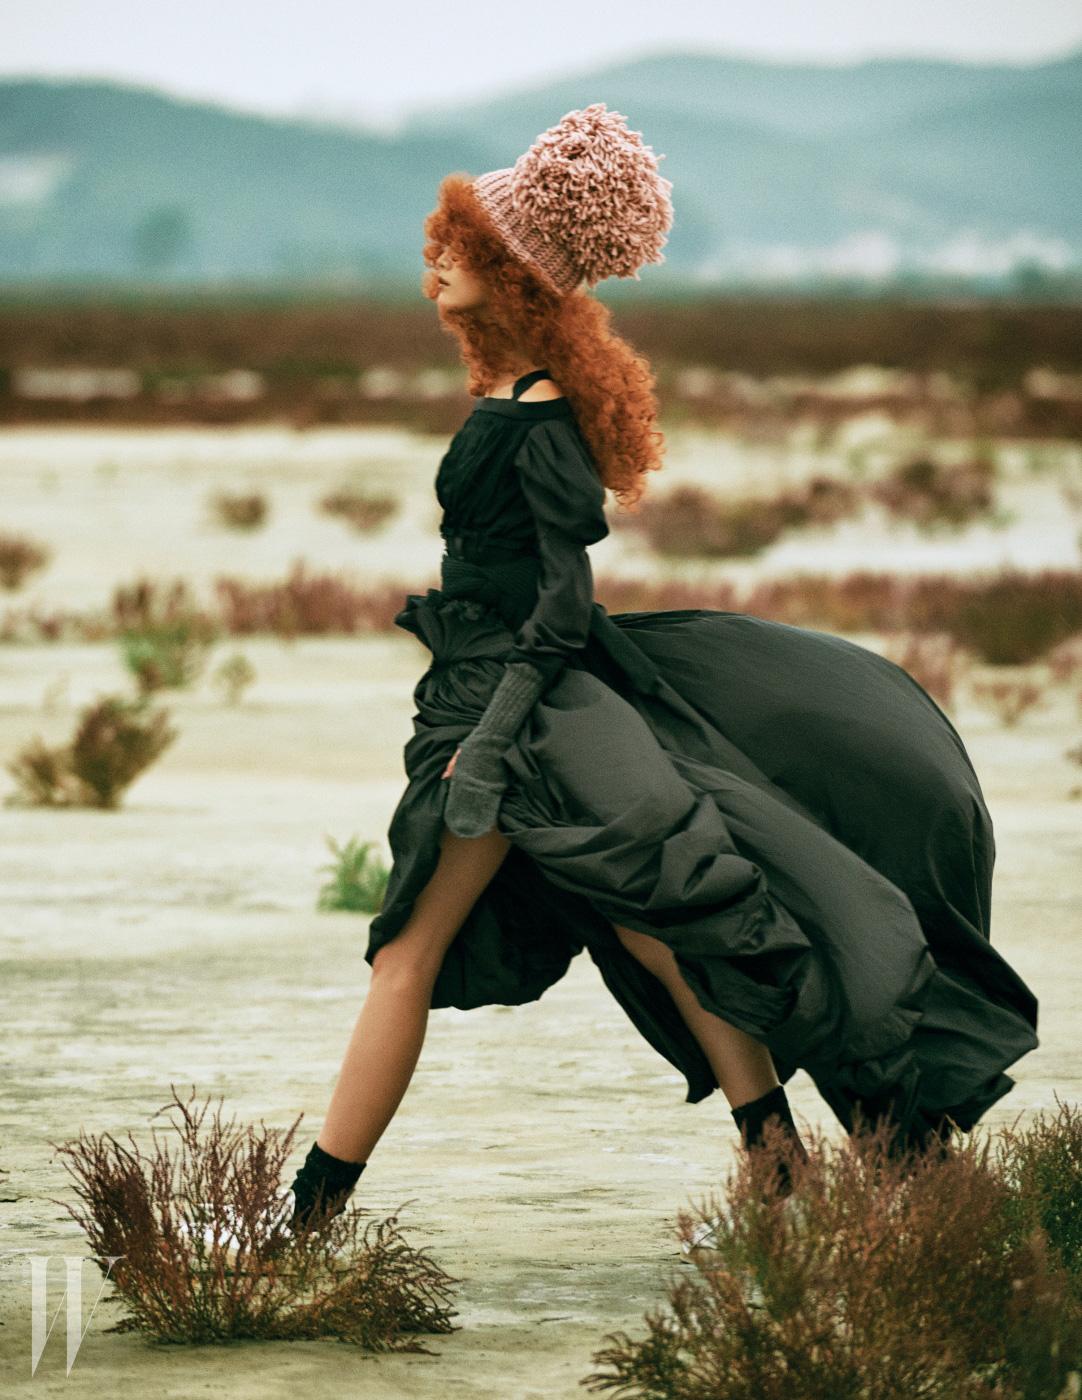 풍성하게 퍼지는 드레스와 오프숄더 니트 톱은 루이 비통 제품. 가격 미정. 허리에 두른 검정색 니트 머플러는 조셉 제품. 가격 미정. 털실 장식 분홍색 니트 모자는 페데리카 모레티 by 아마빌리아 제품. 14만원.